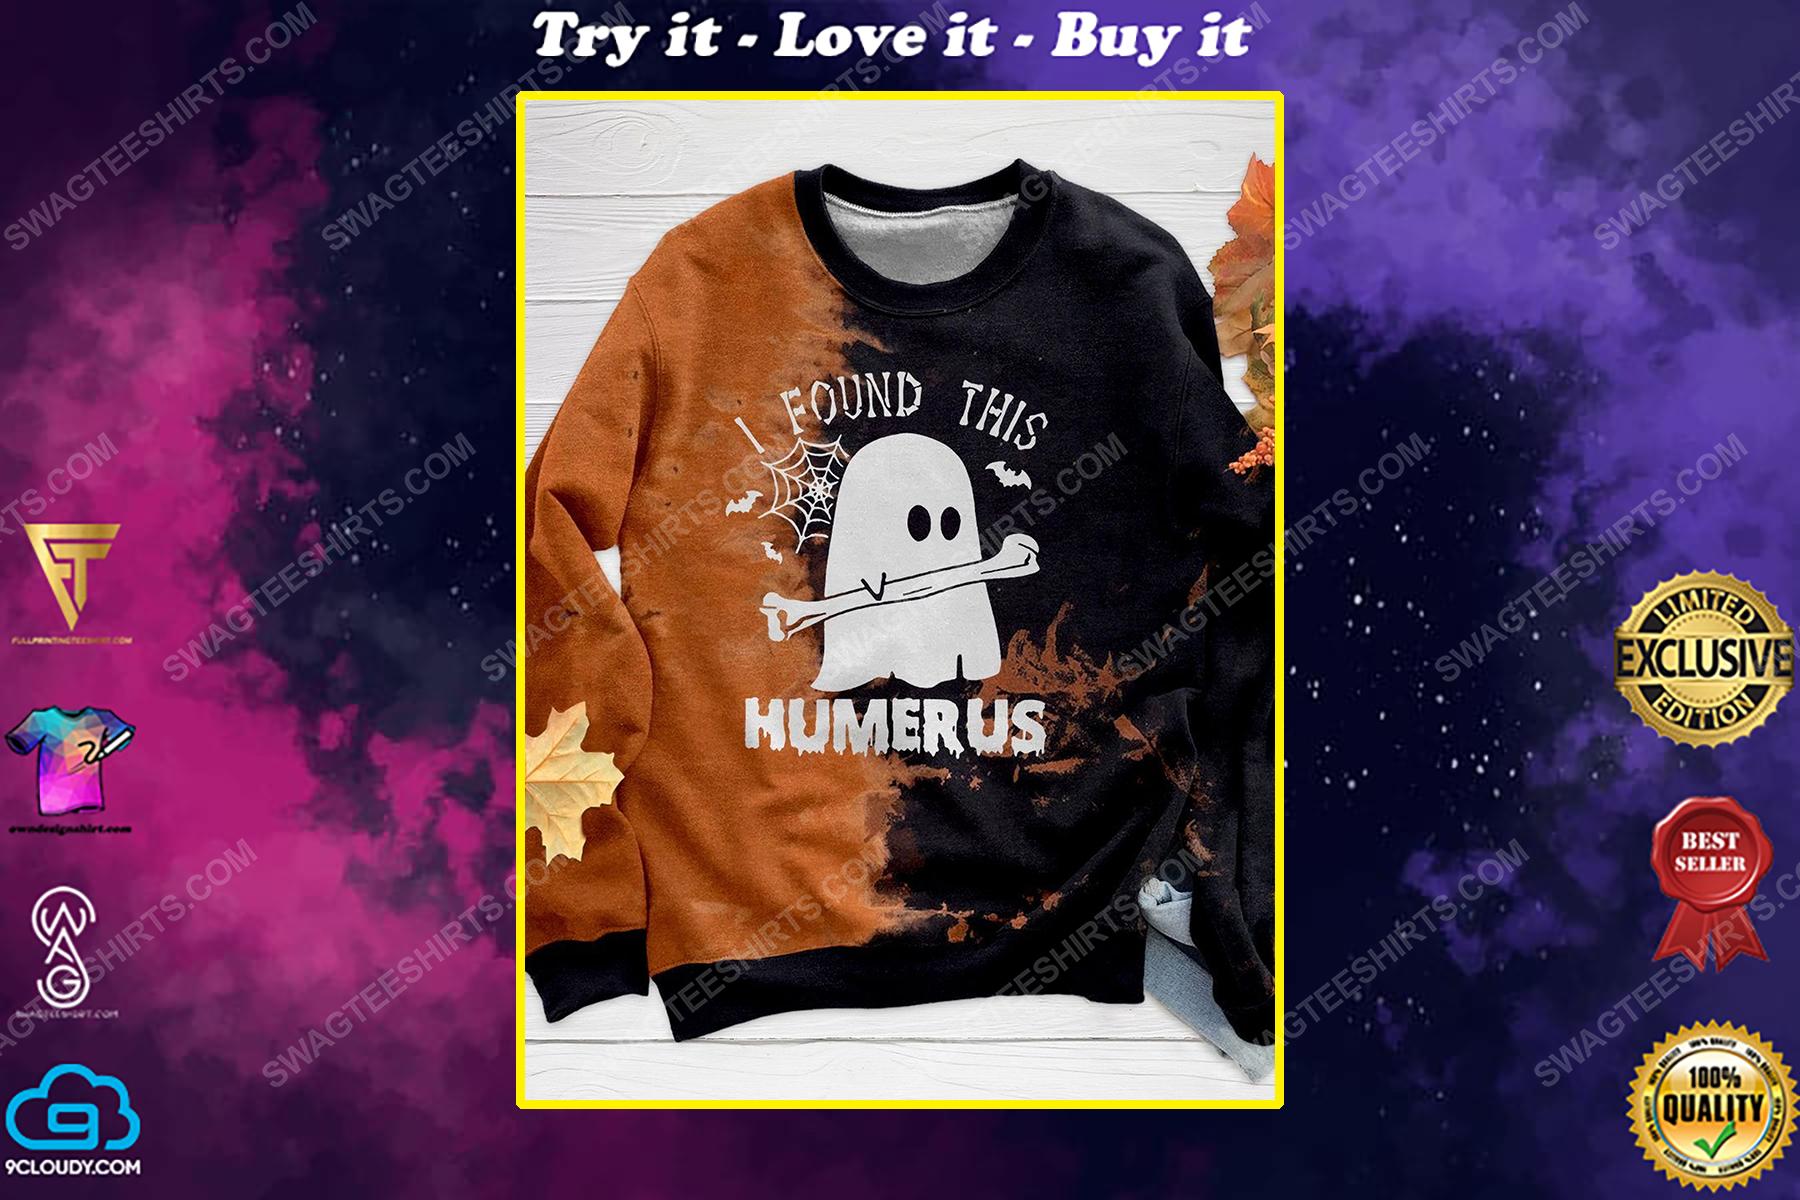 Halloween night ghost i found this humerus shirt